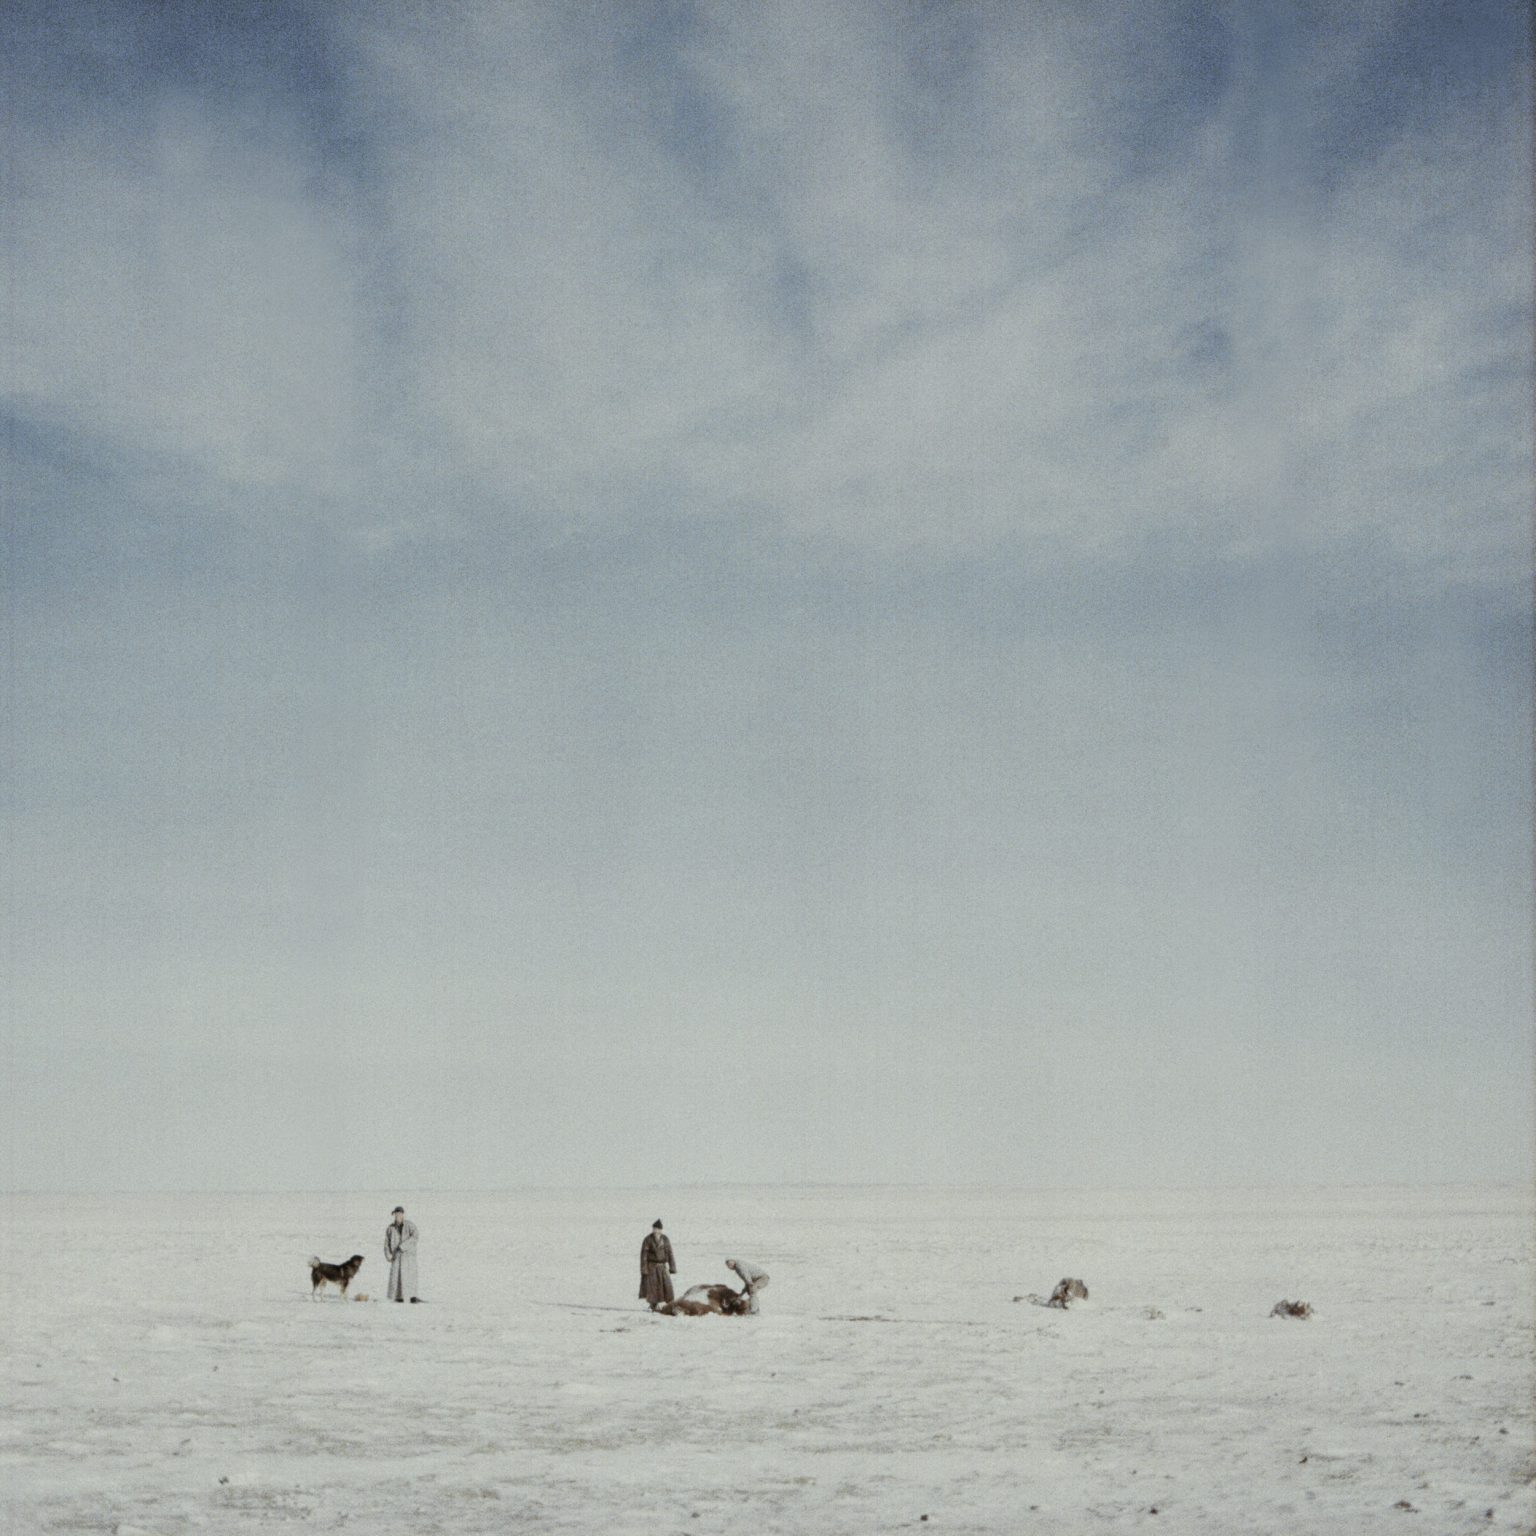 Mongolia, Gobi, Omongovi, 2013